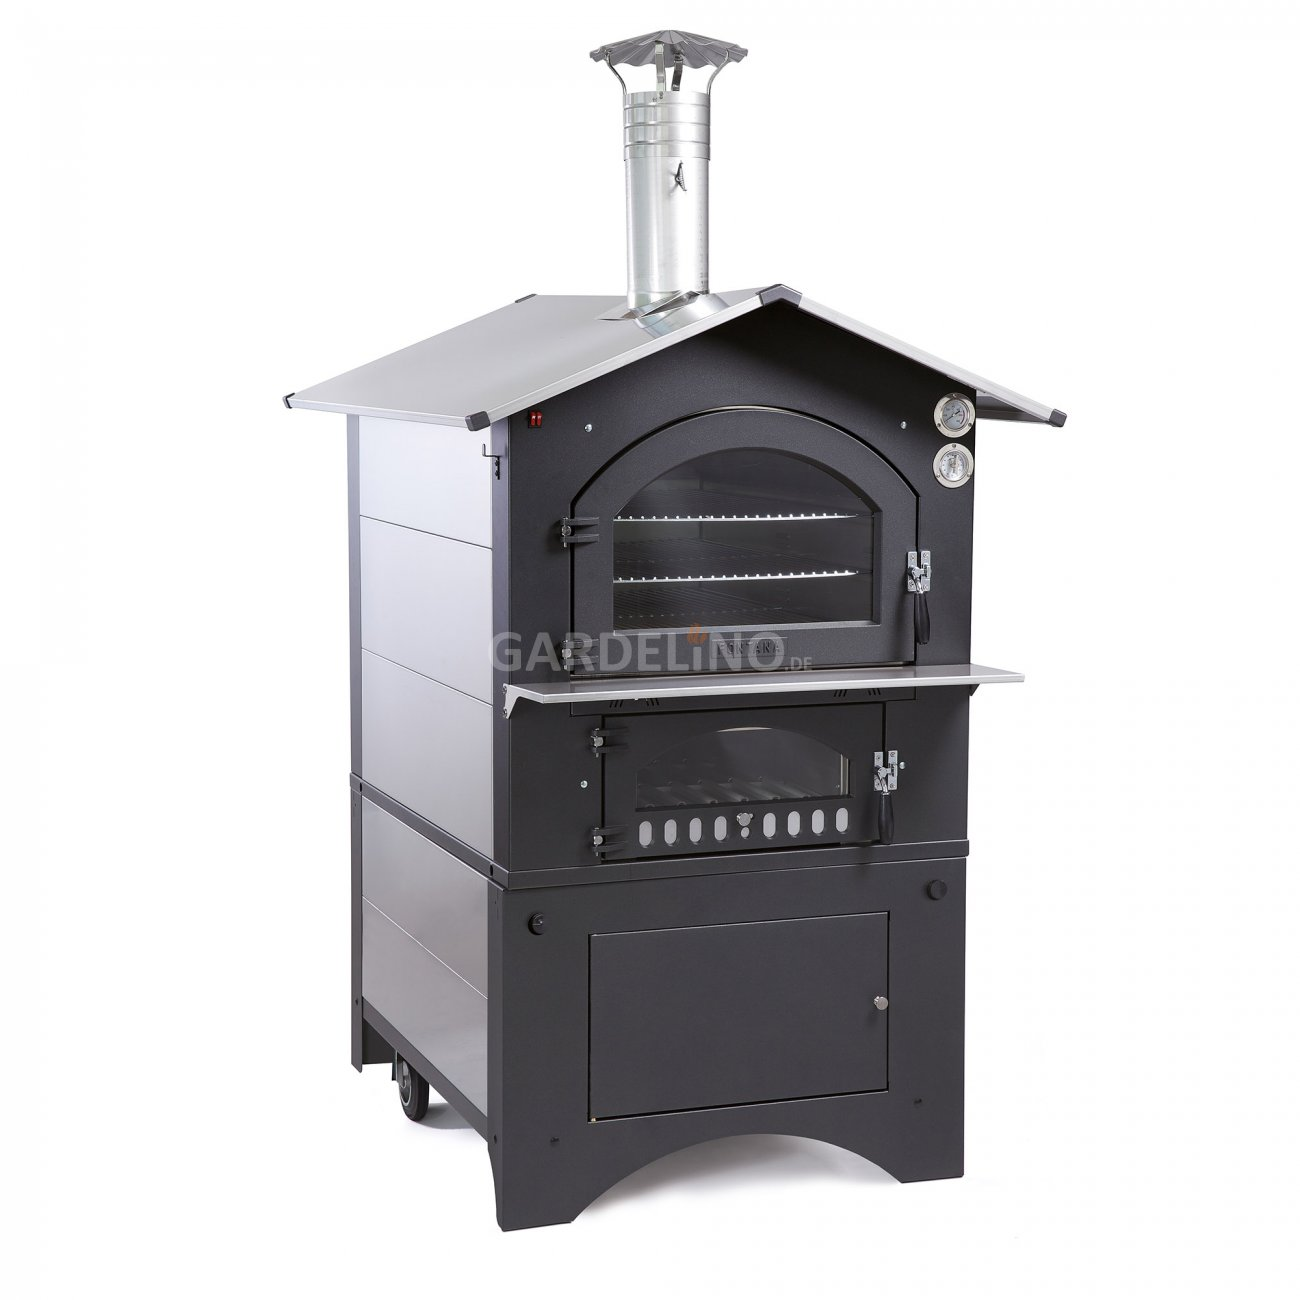 garten holzbackofen fontana gusto ideal f r pizza. Black Bedroom Furniture Sets. Home Design Ideas